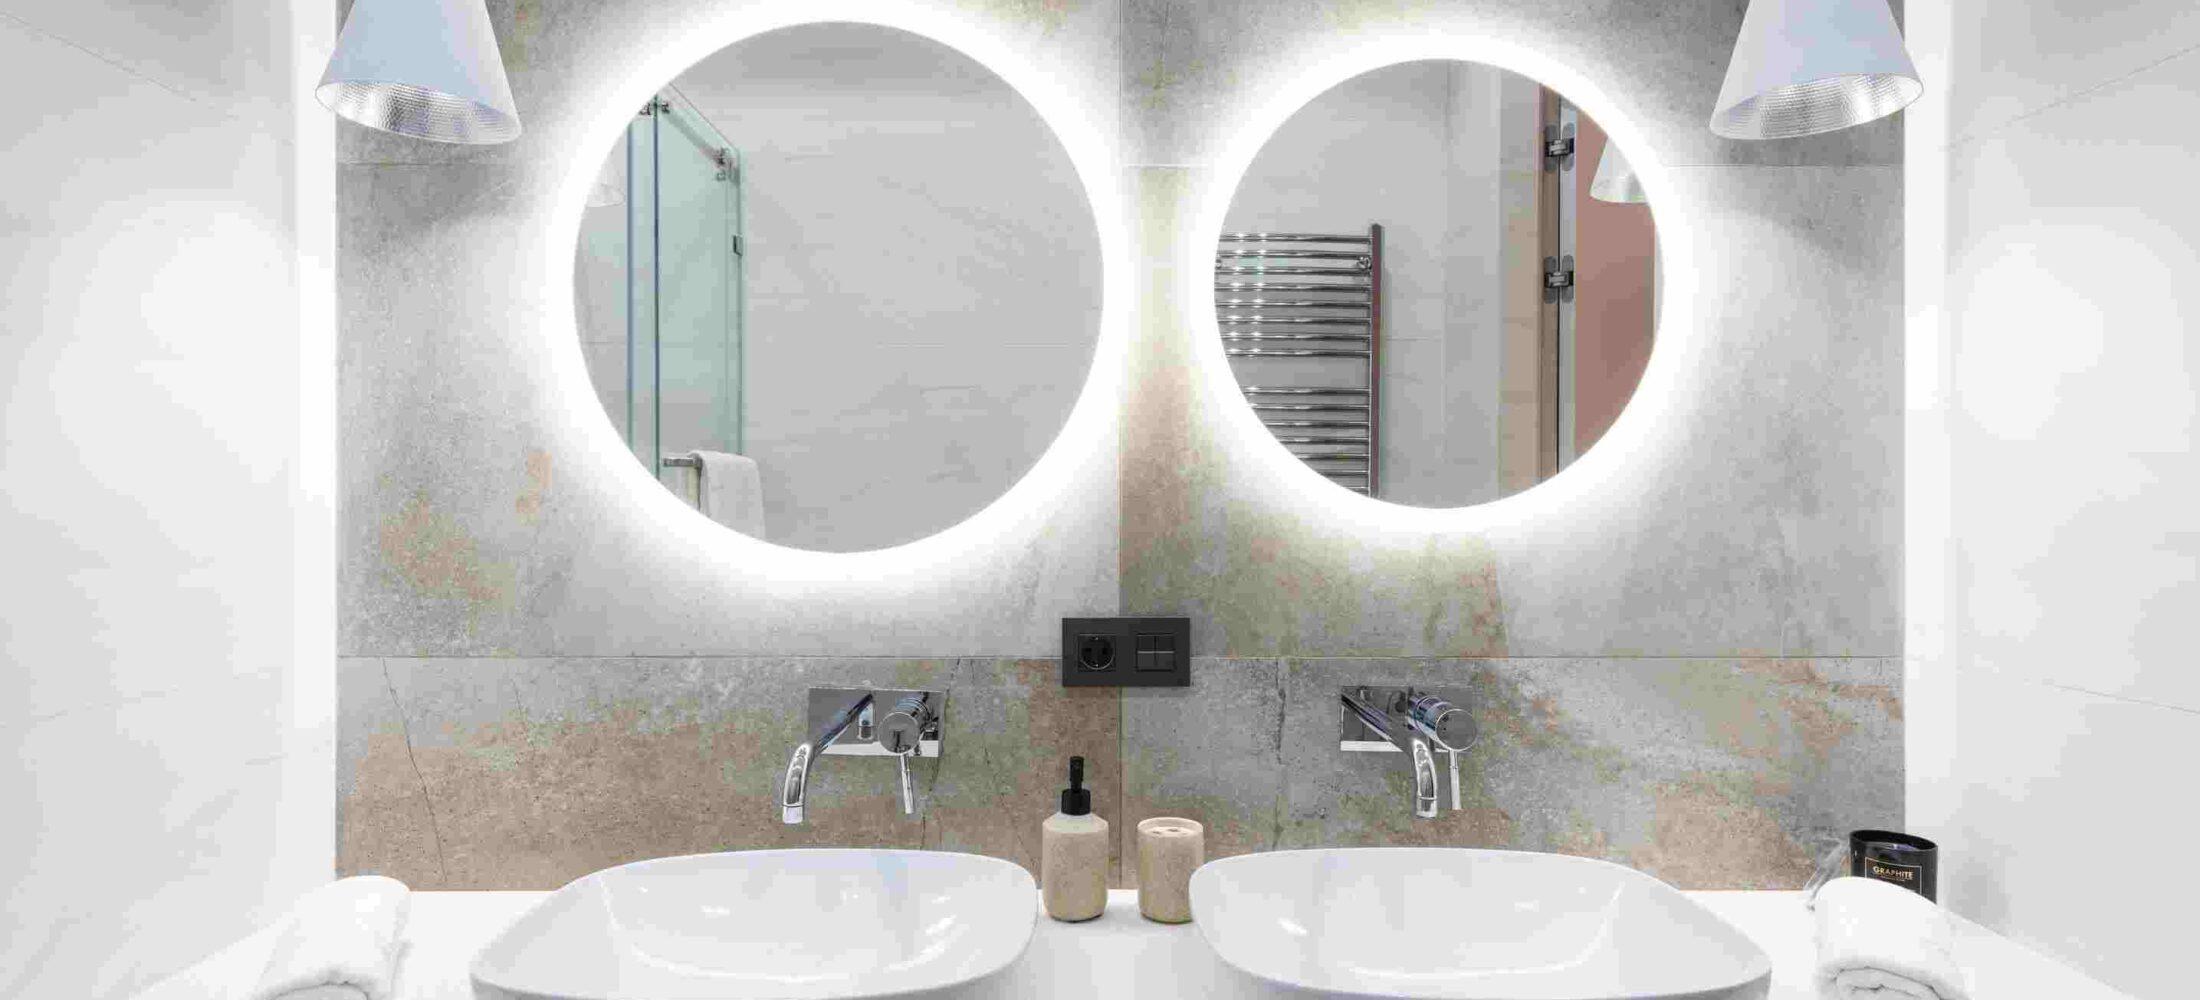 Ιδέες ανακαίνισης μπάνιου